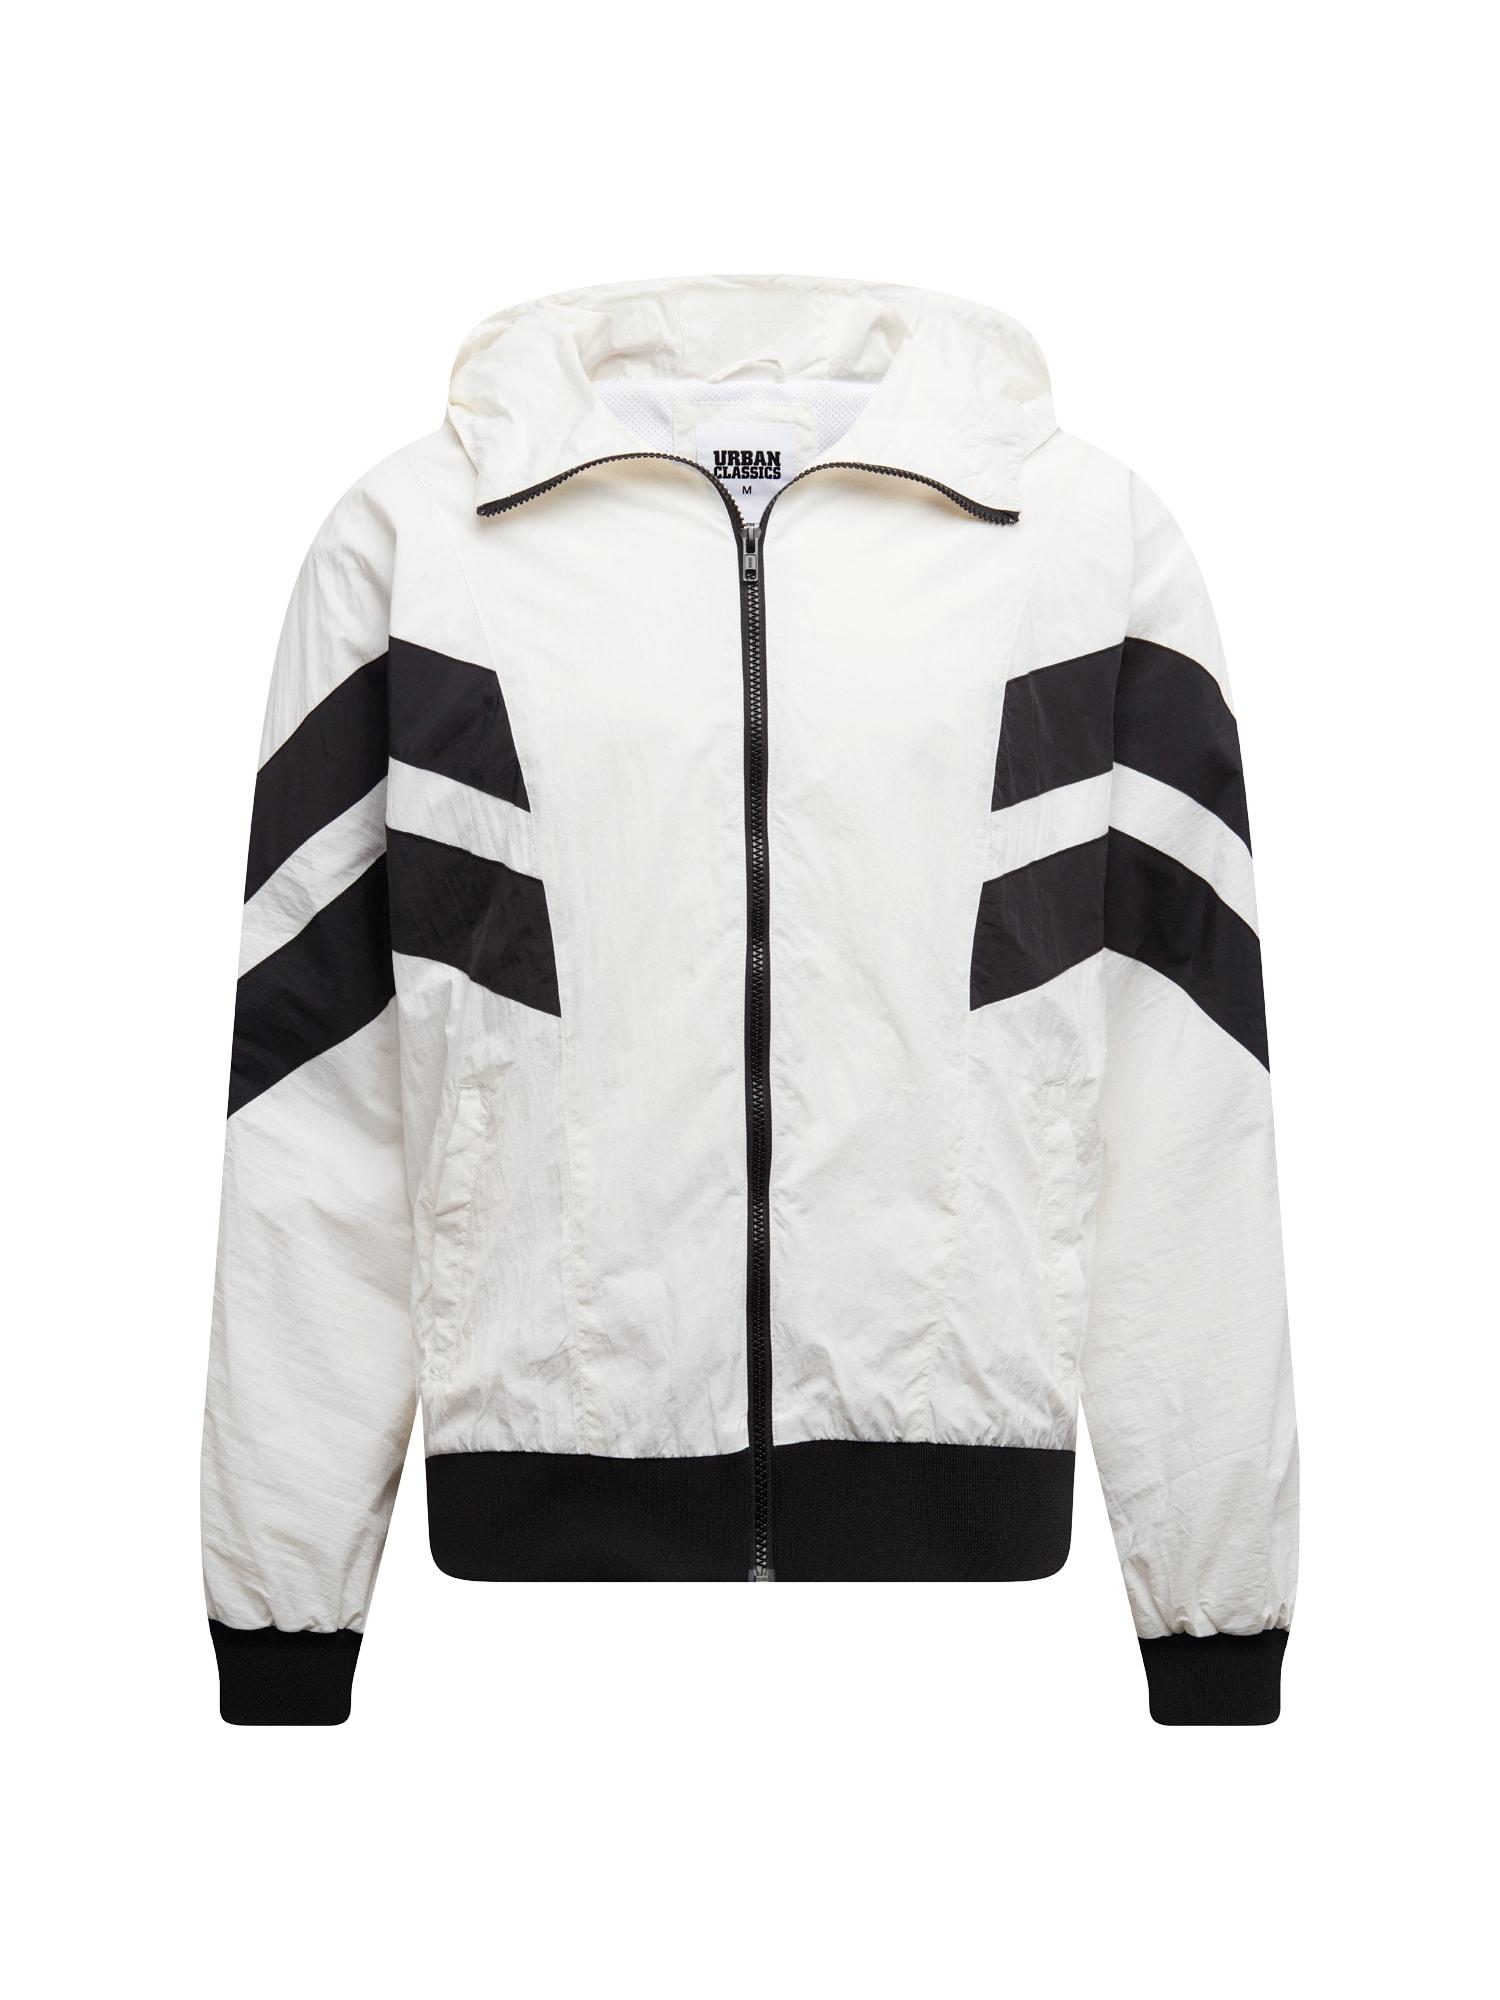 Přechodná bunda Crinkle Panel Track Jacket černá bílá Urban Classics